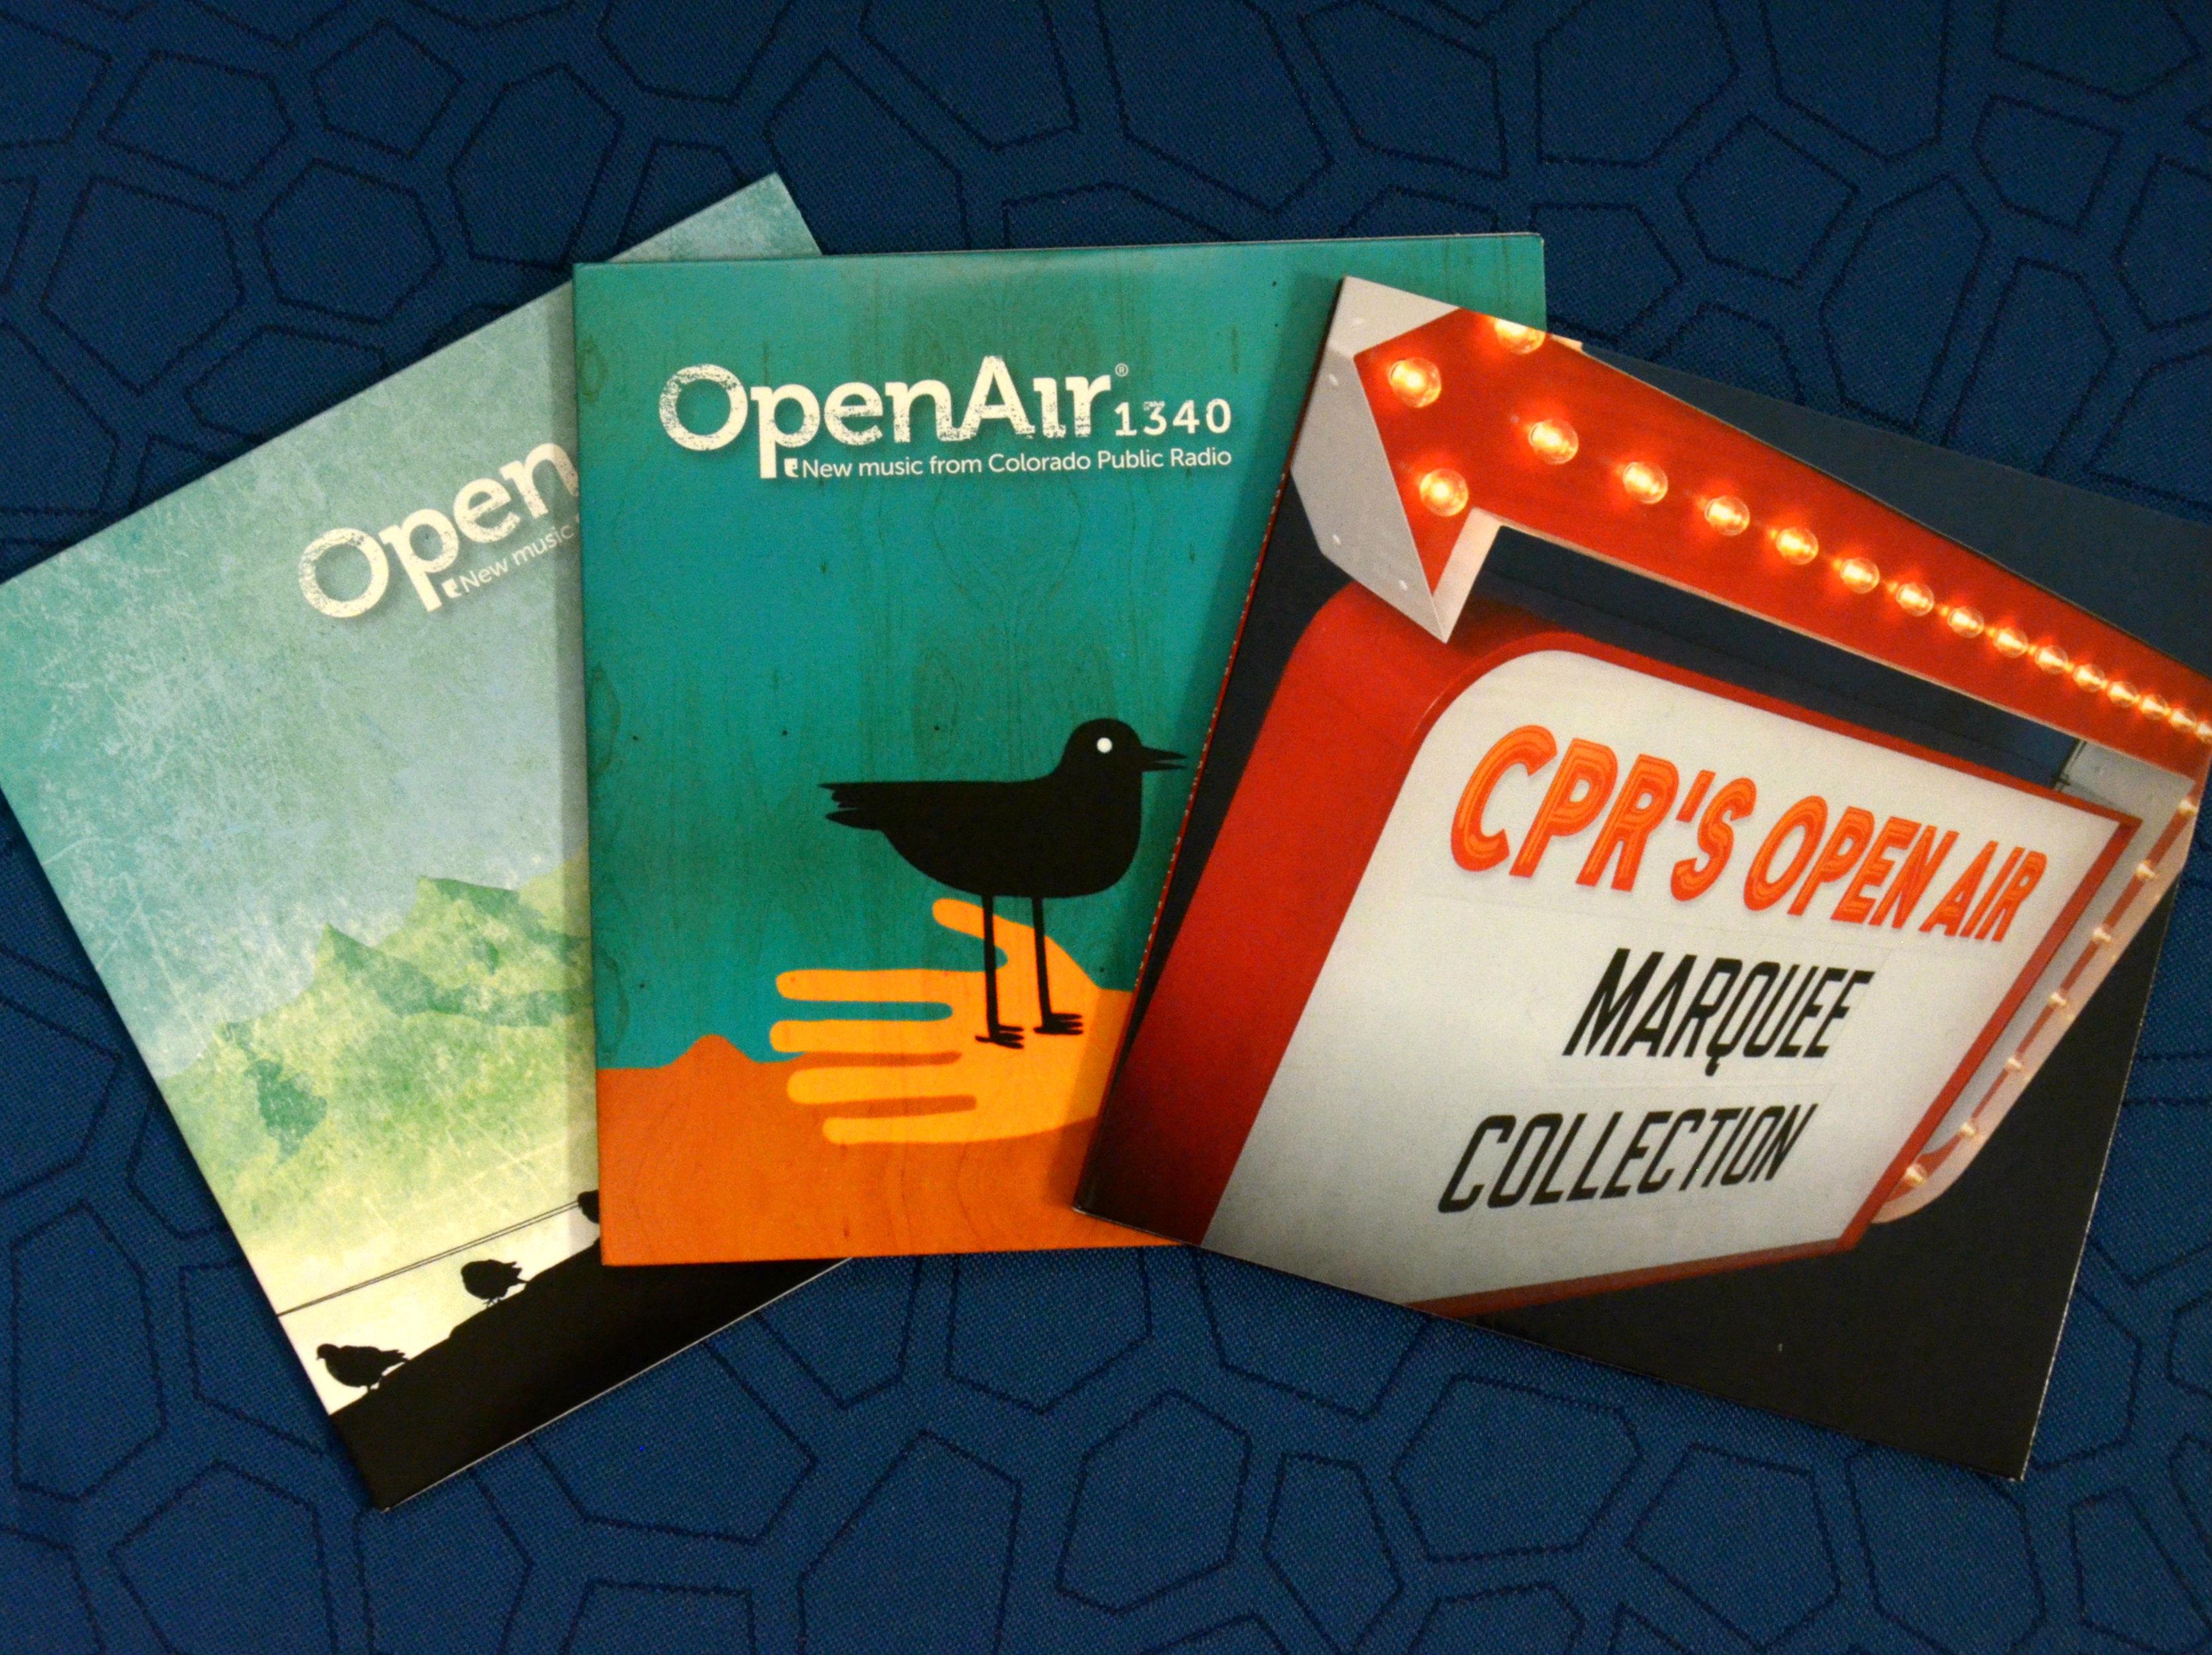 Photo: OpenAir 3-CD Collection